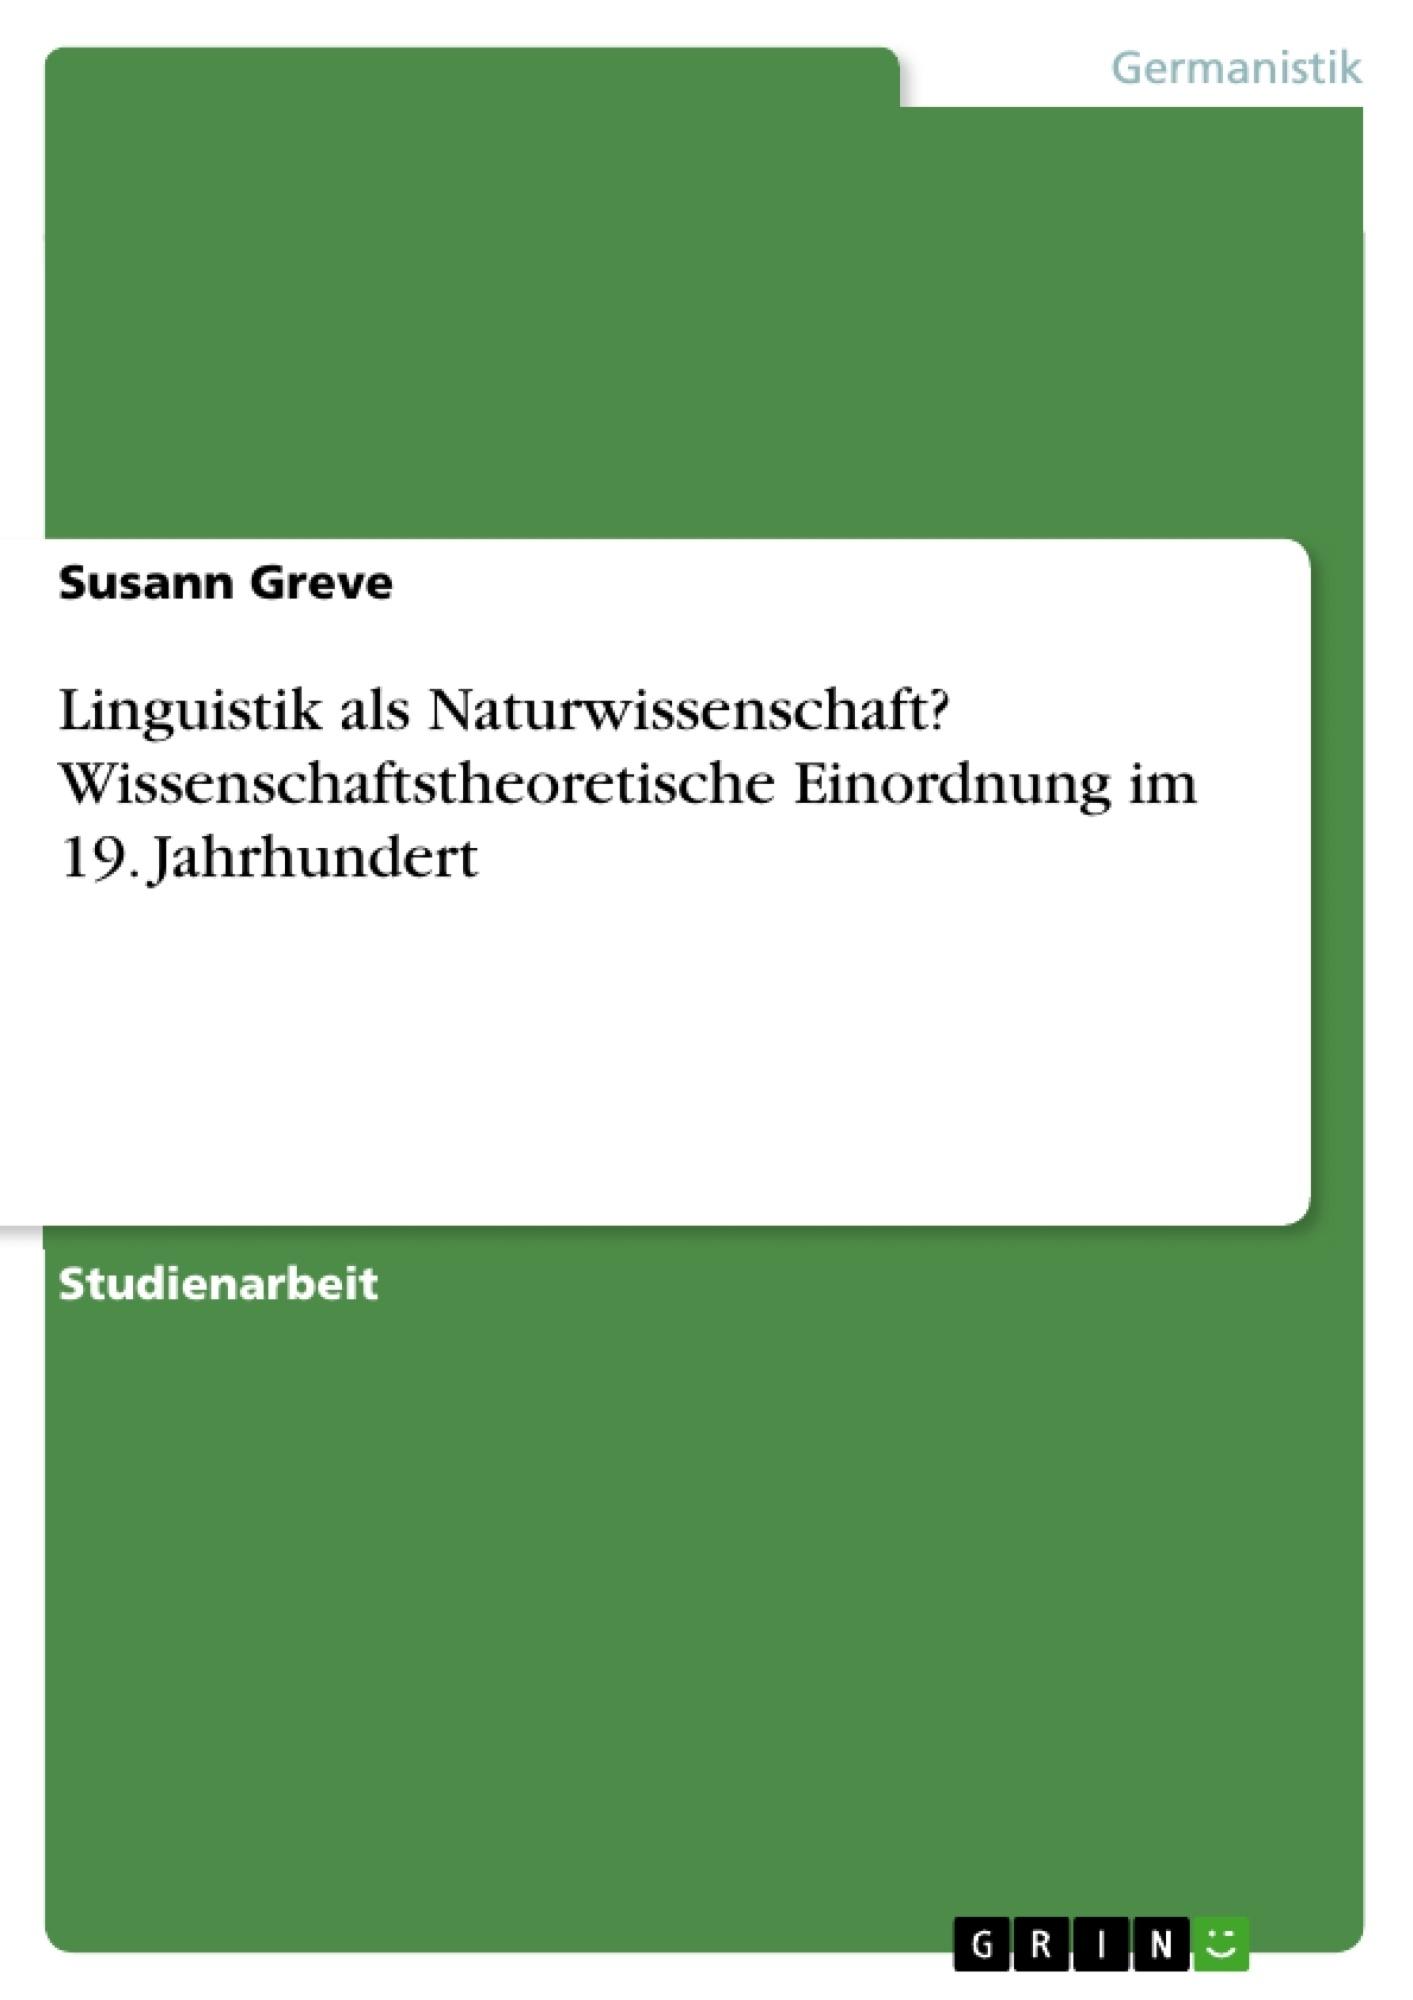 Titel: Linguistik als Naturwissenschaft? Wissenschaftstheoretische Einordnung im 19. Jahrhundert